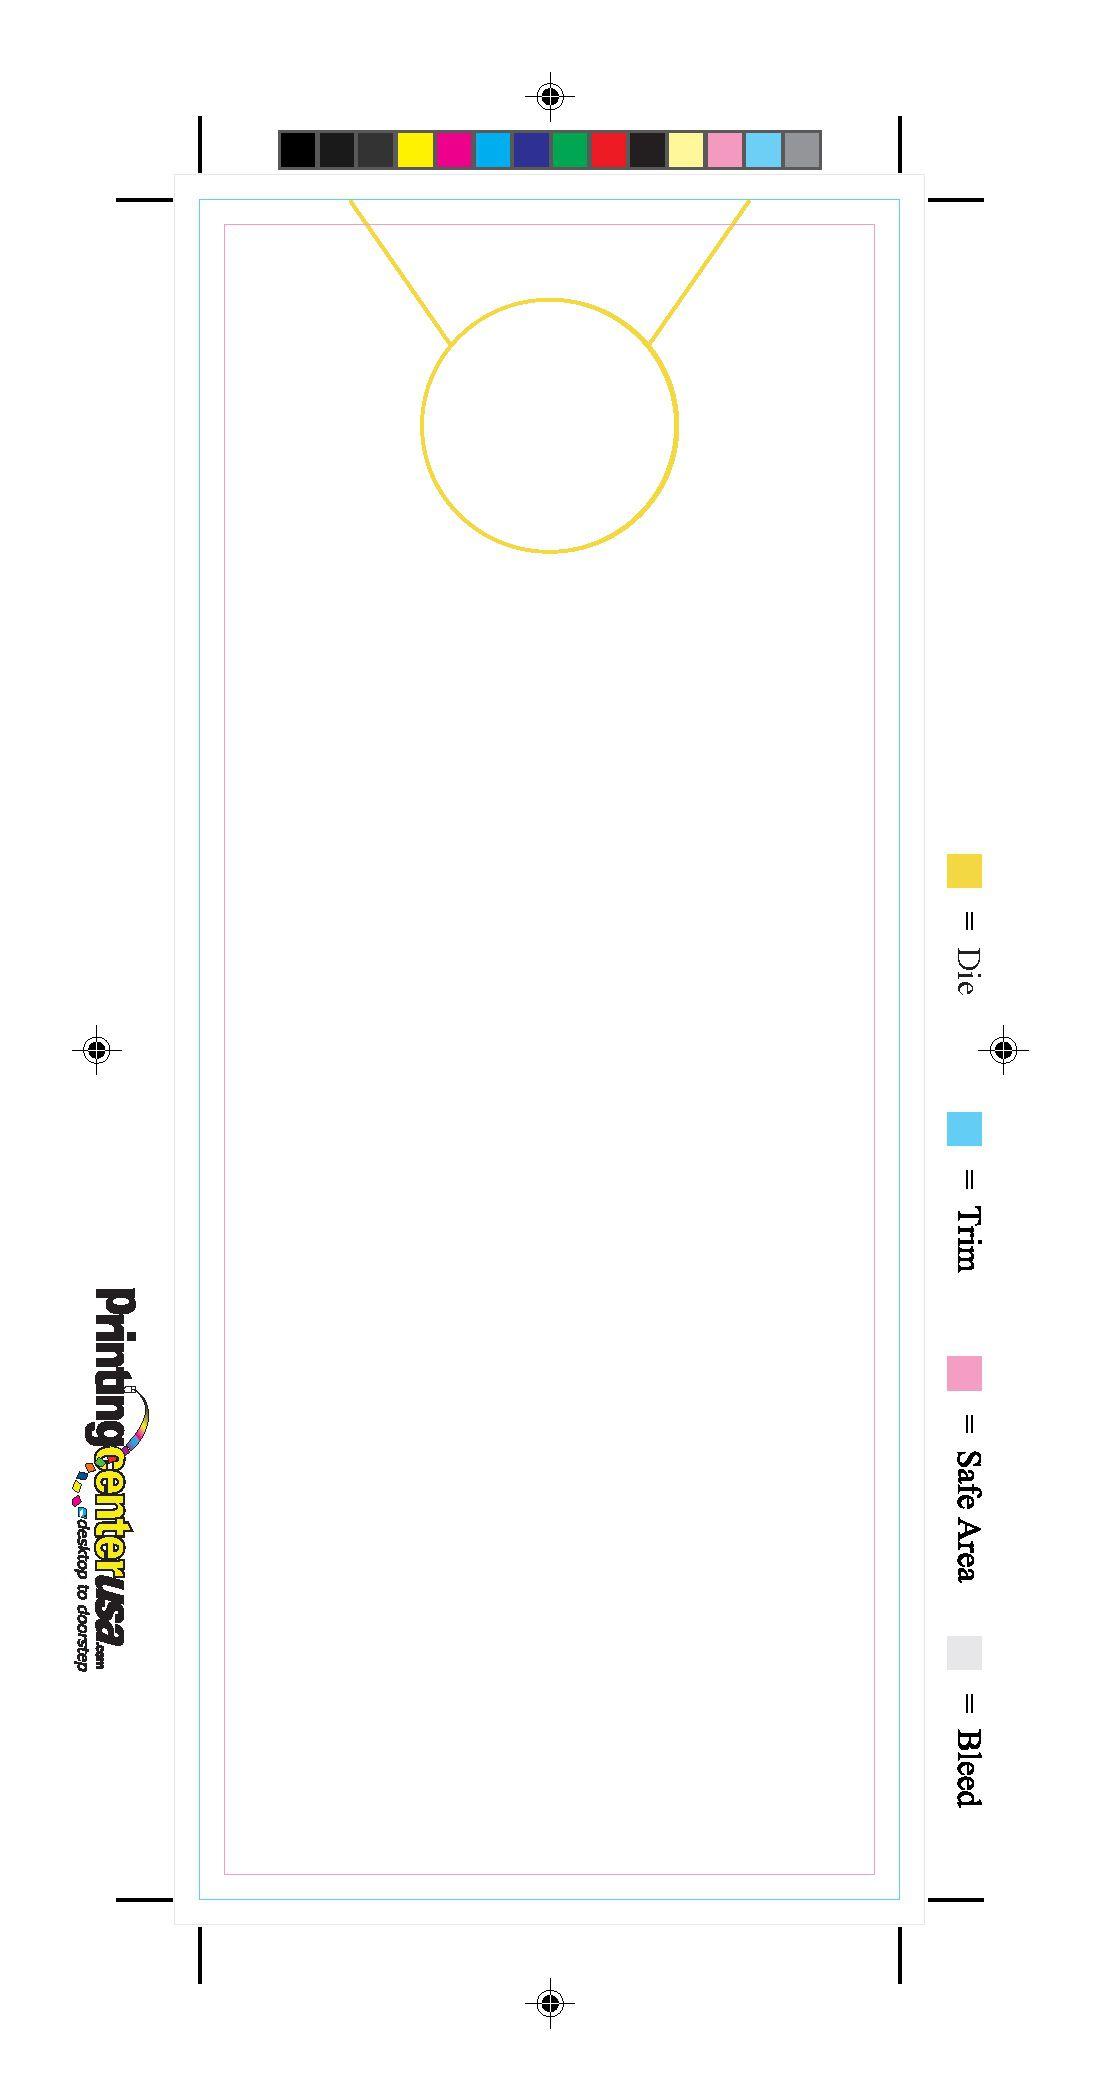 000 Astounding Free Door Hanger Template Sample  Templates Printable Wedding Blank DoorknobFull